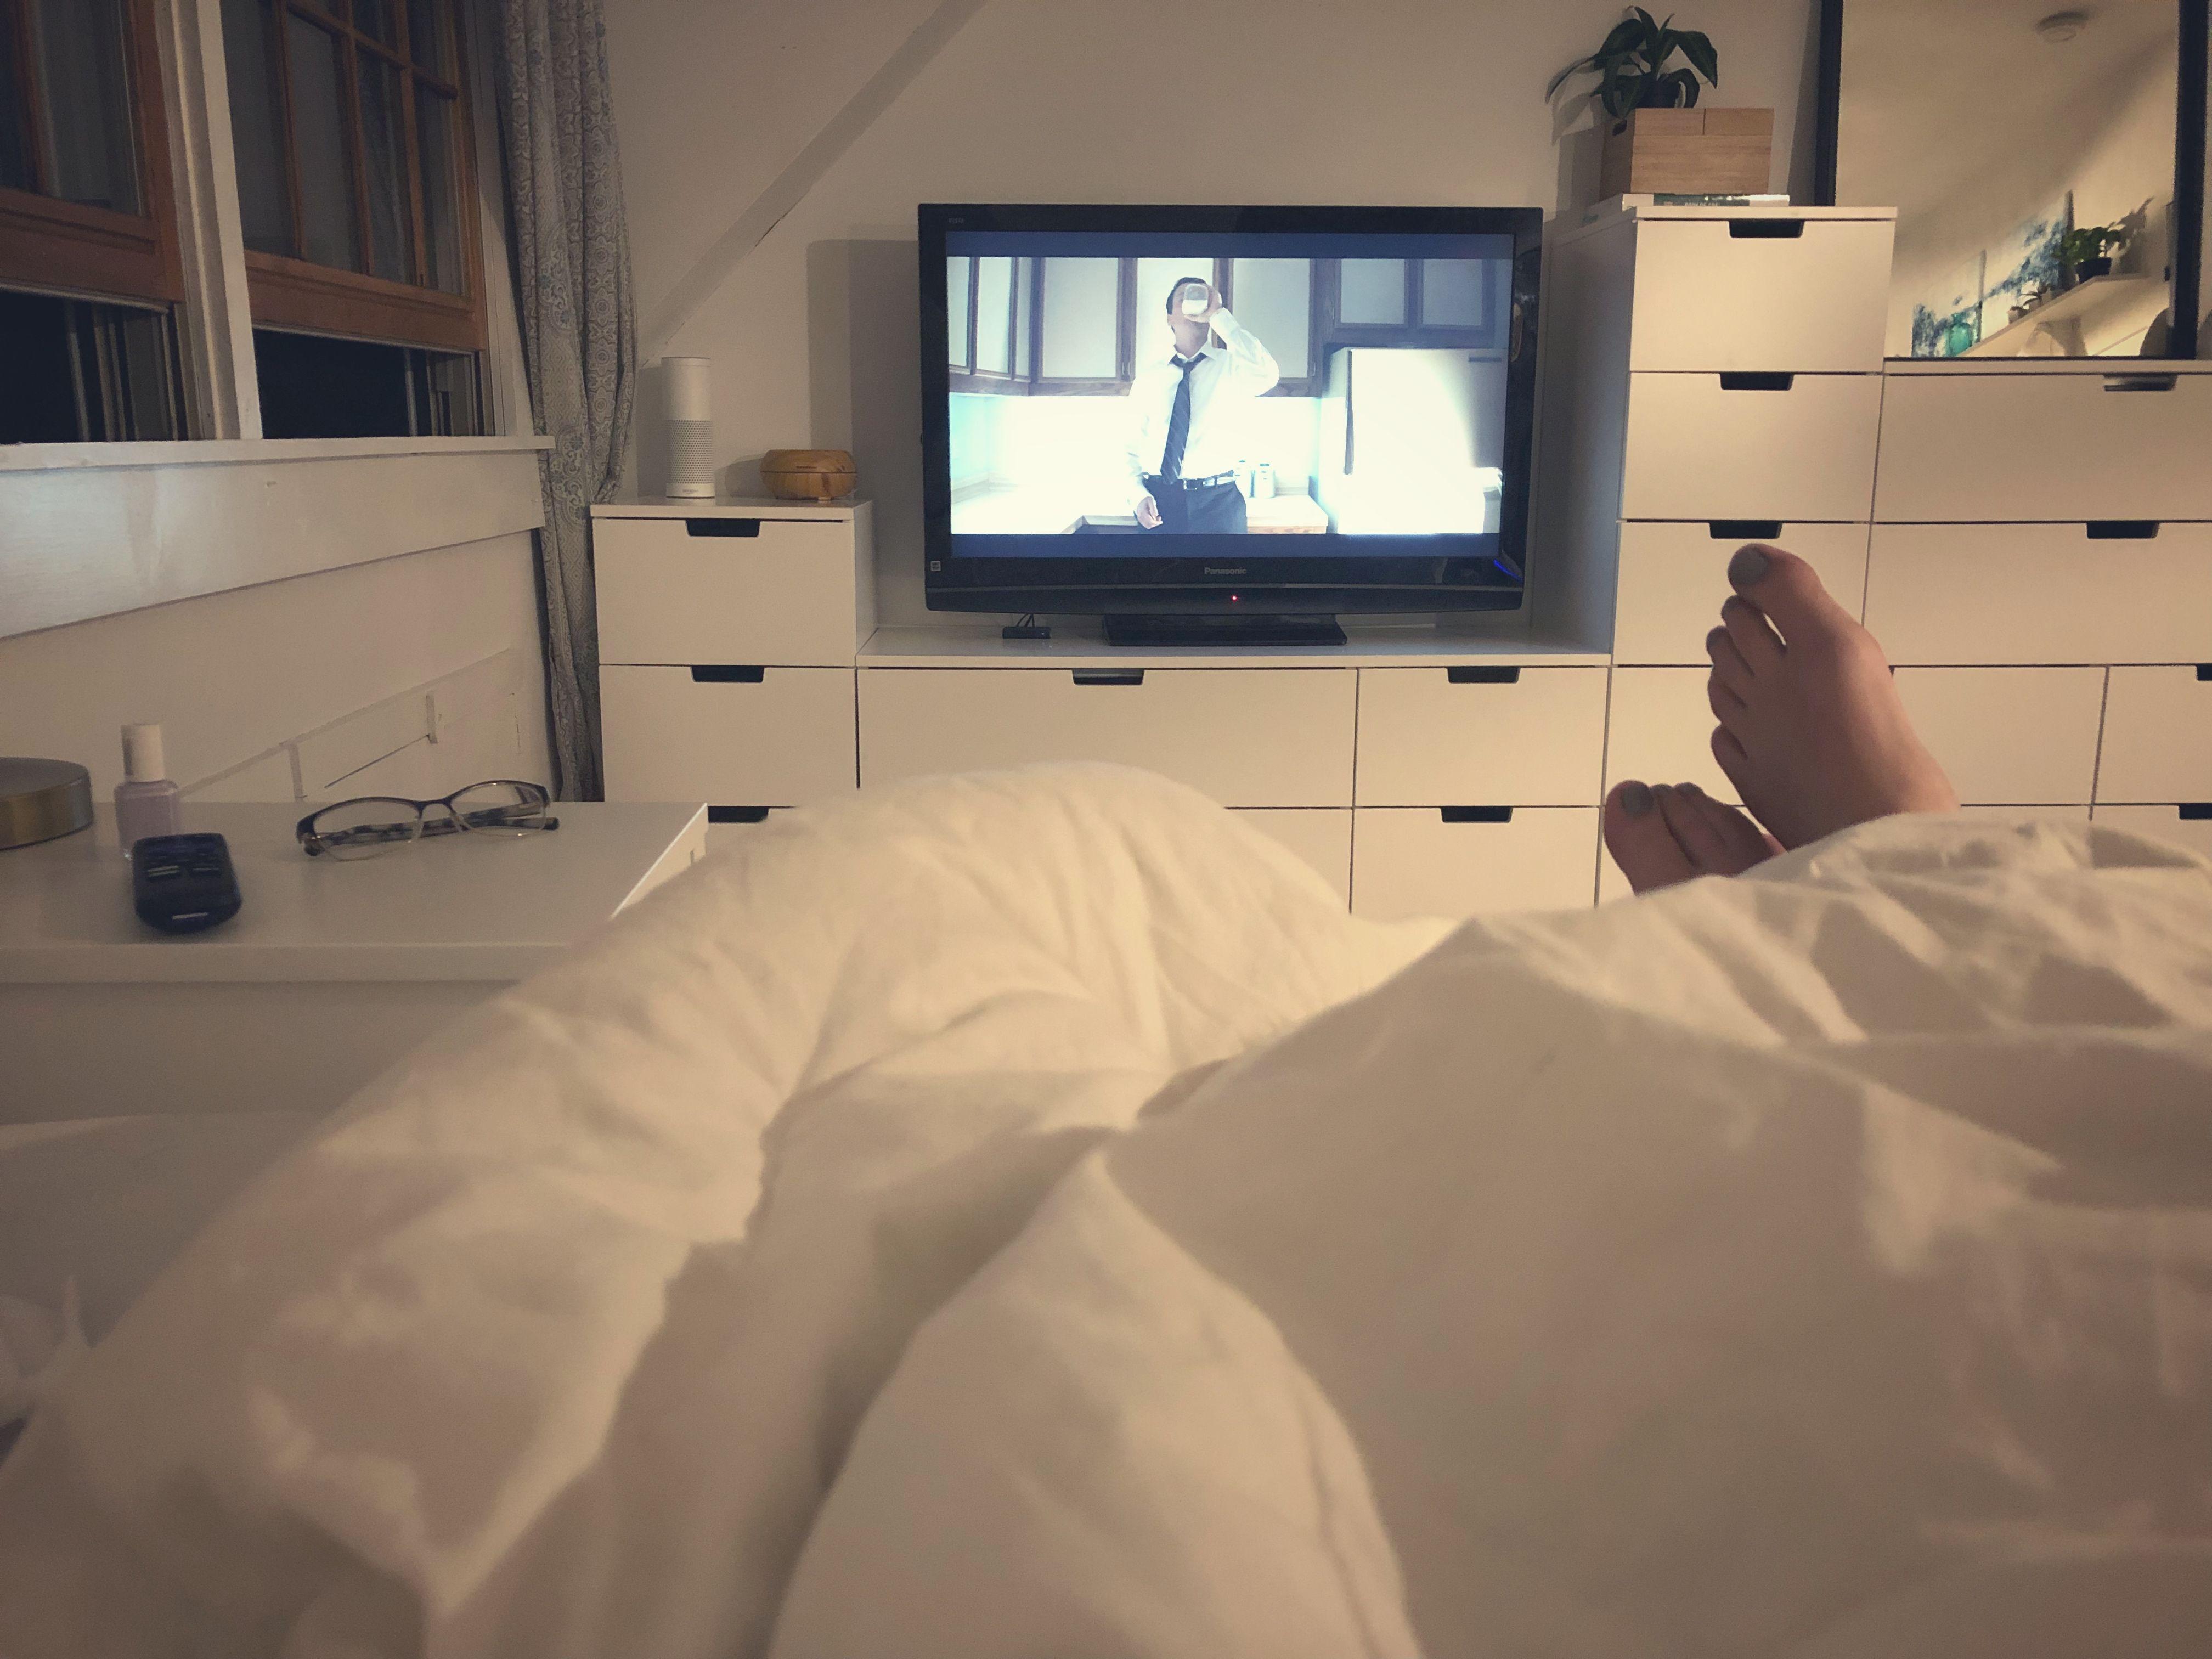 Ikea Nordli Schlafzimmer Hack Diy Weiss Kommode Tv Pflanzen Gemutliches Bett Nachttisch Bedroom Hacks Diy Stylish Bedroom Design Bedroom Hacks